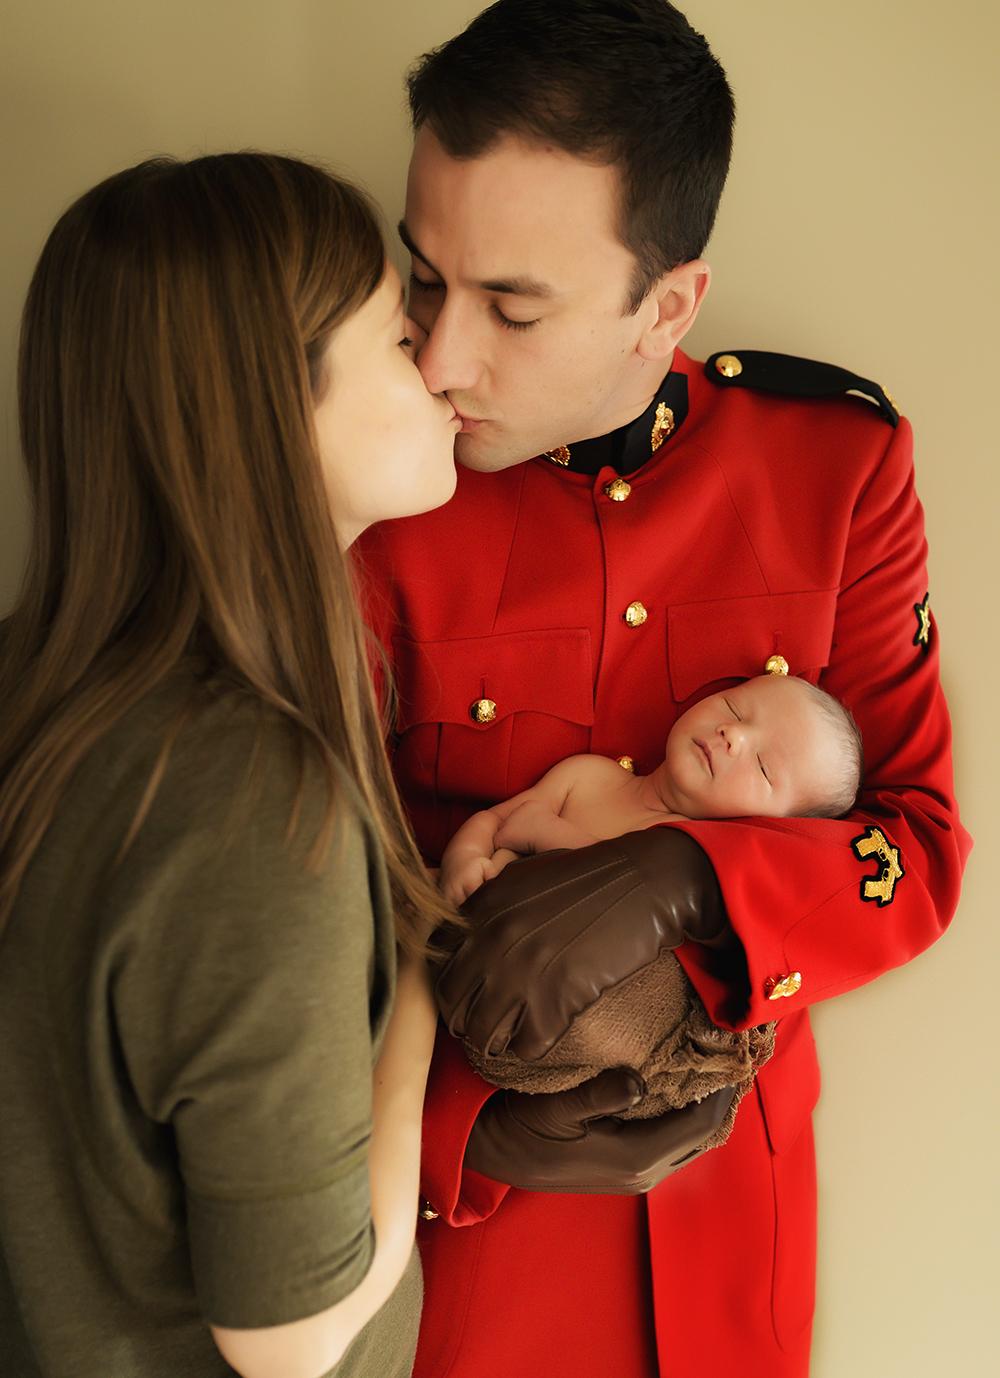 Edmonton Newborn Photographer_Baby Weston 7.jpg